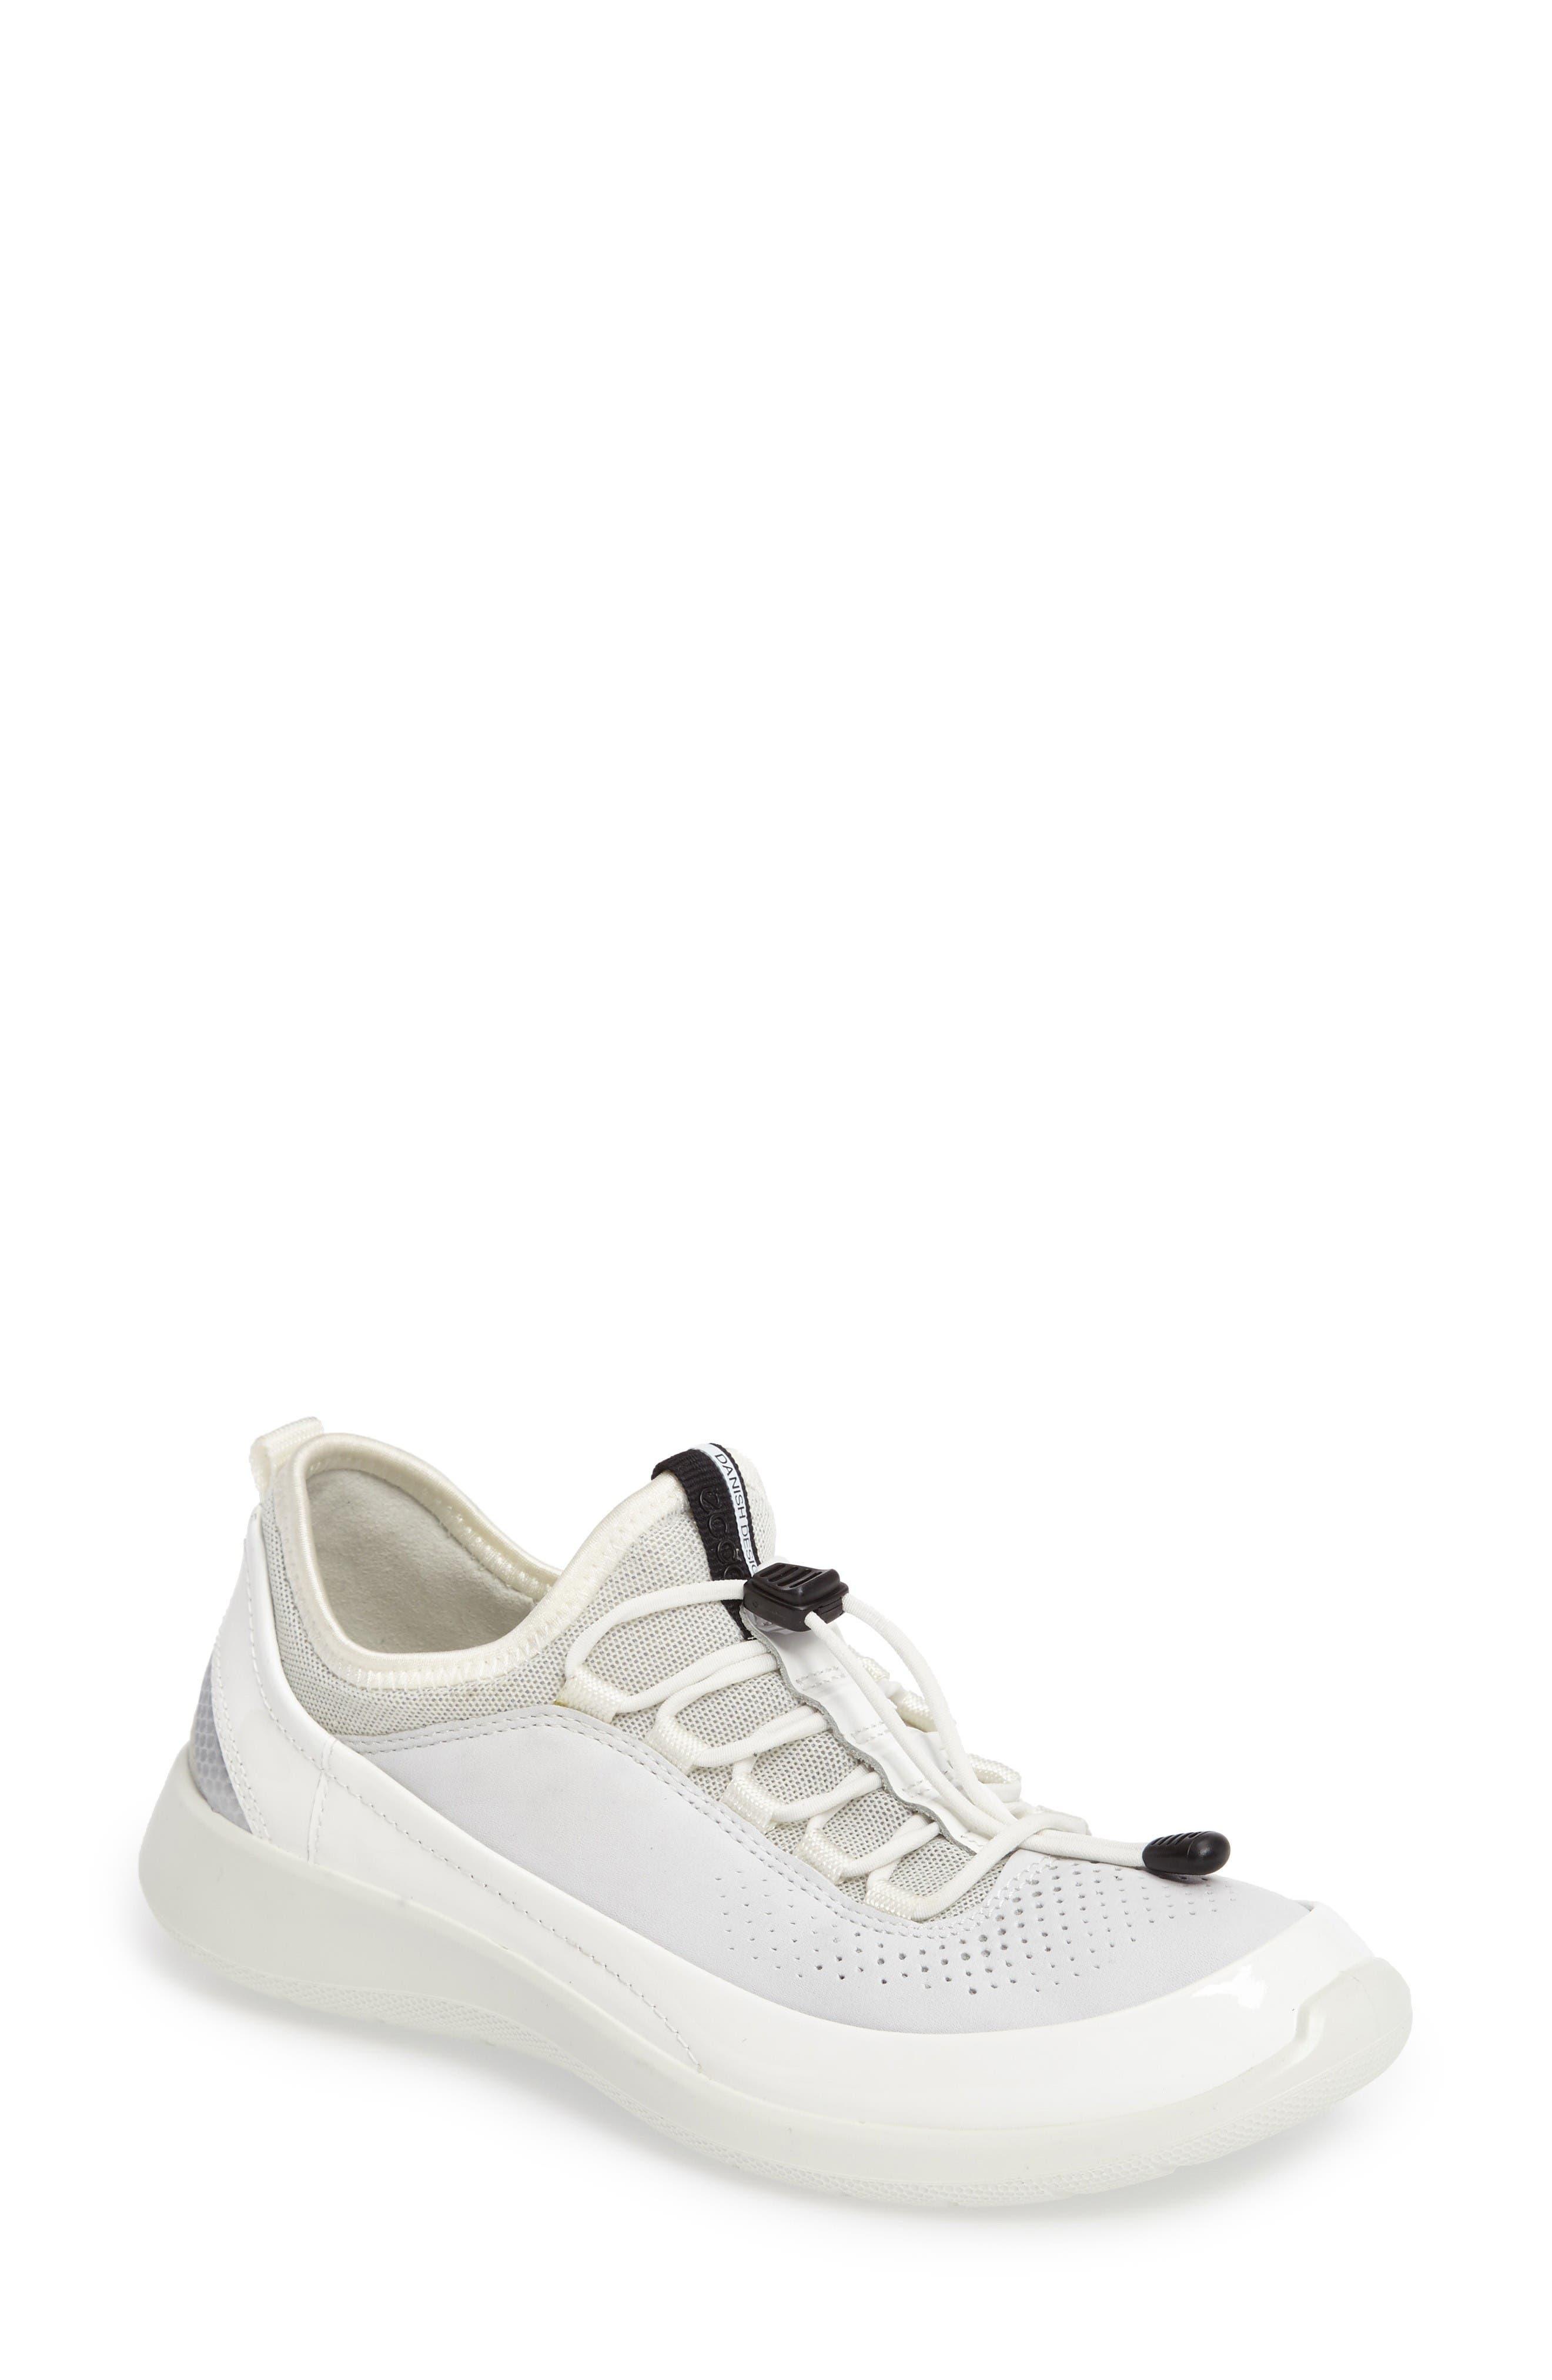 ECCO Soft 5 Sneaker (Women)